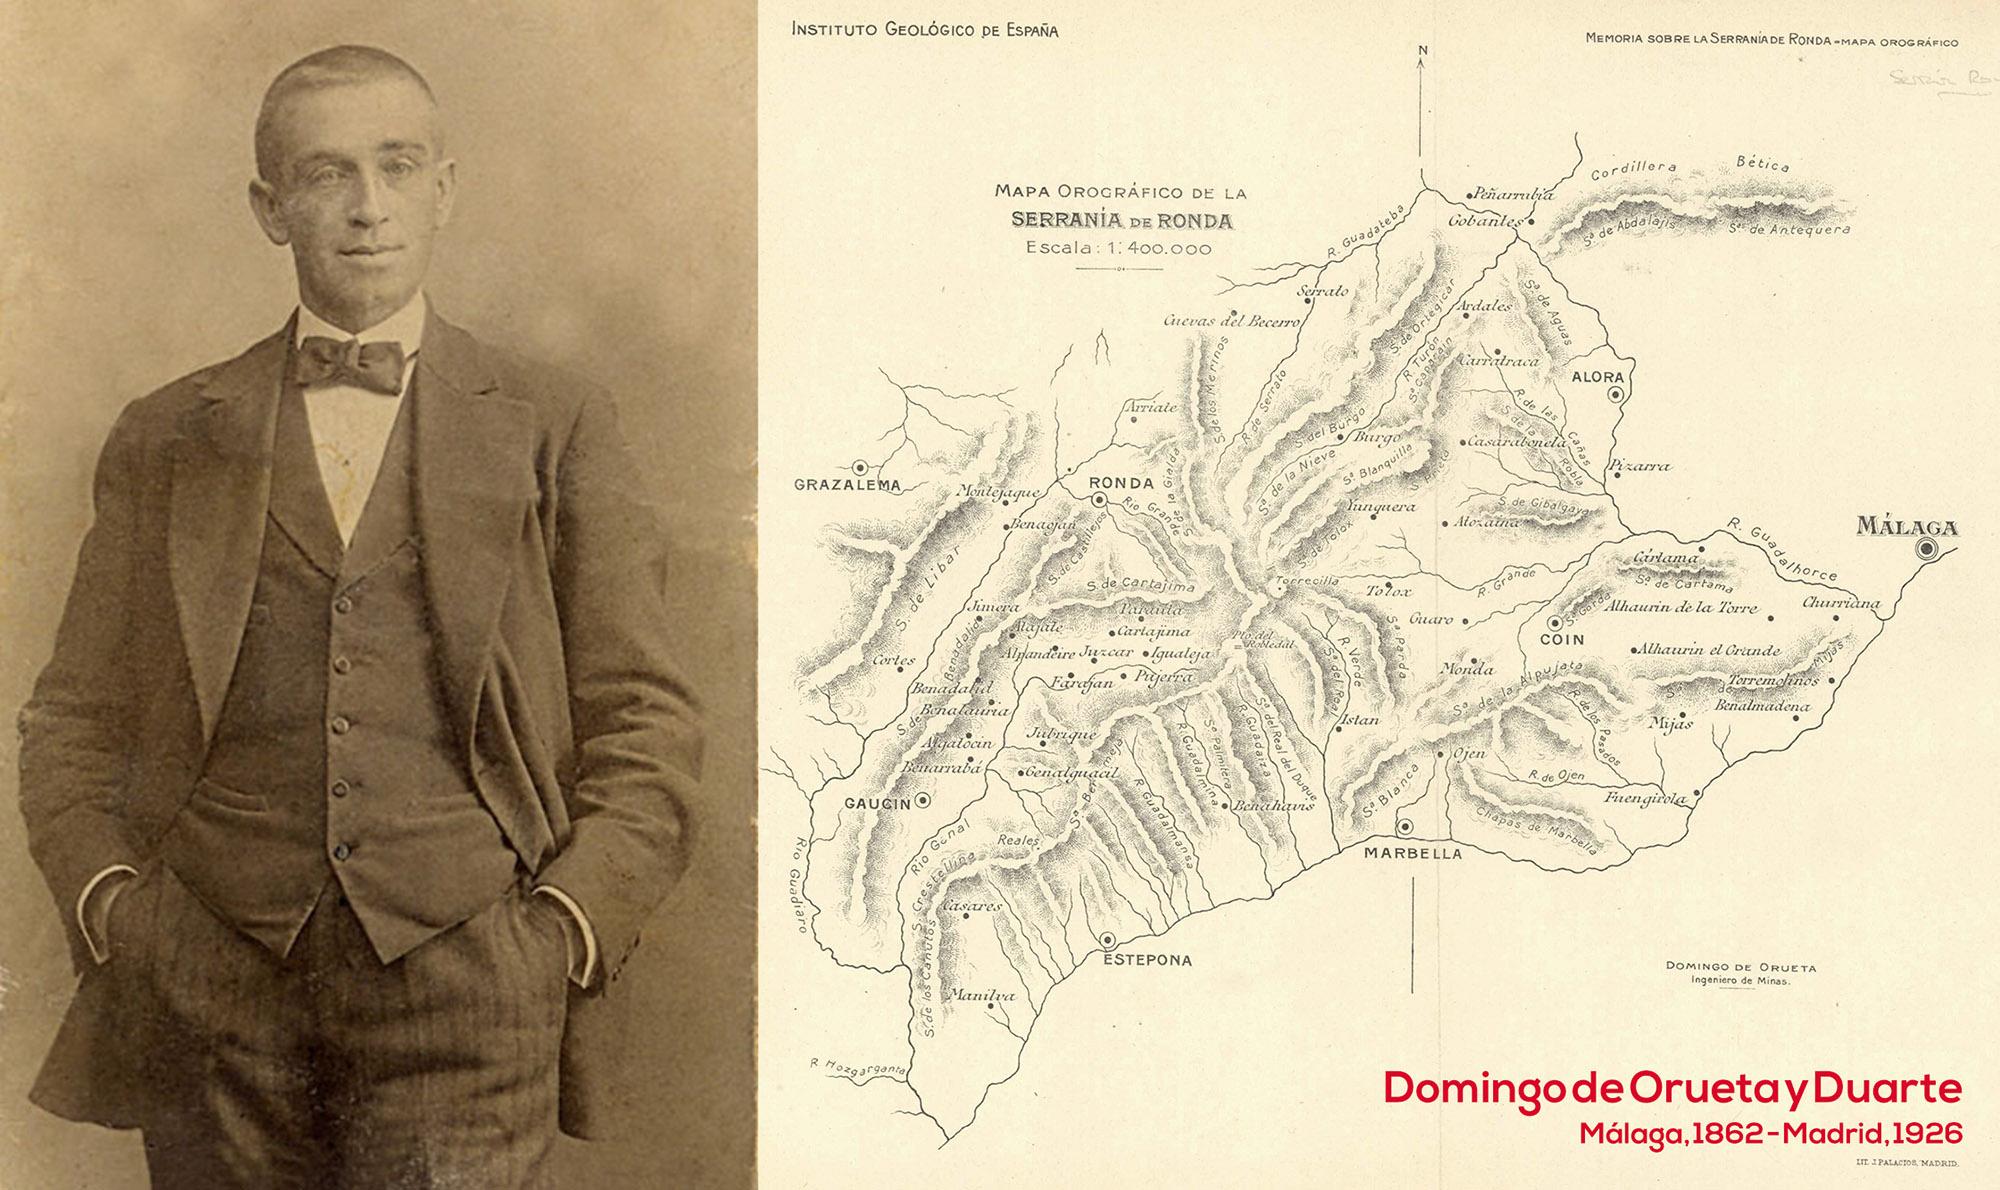 Domingo de Orueta y Duarte